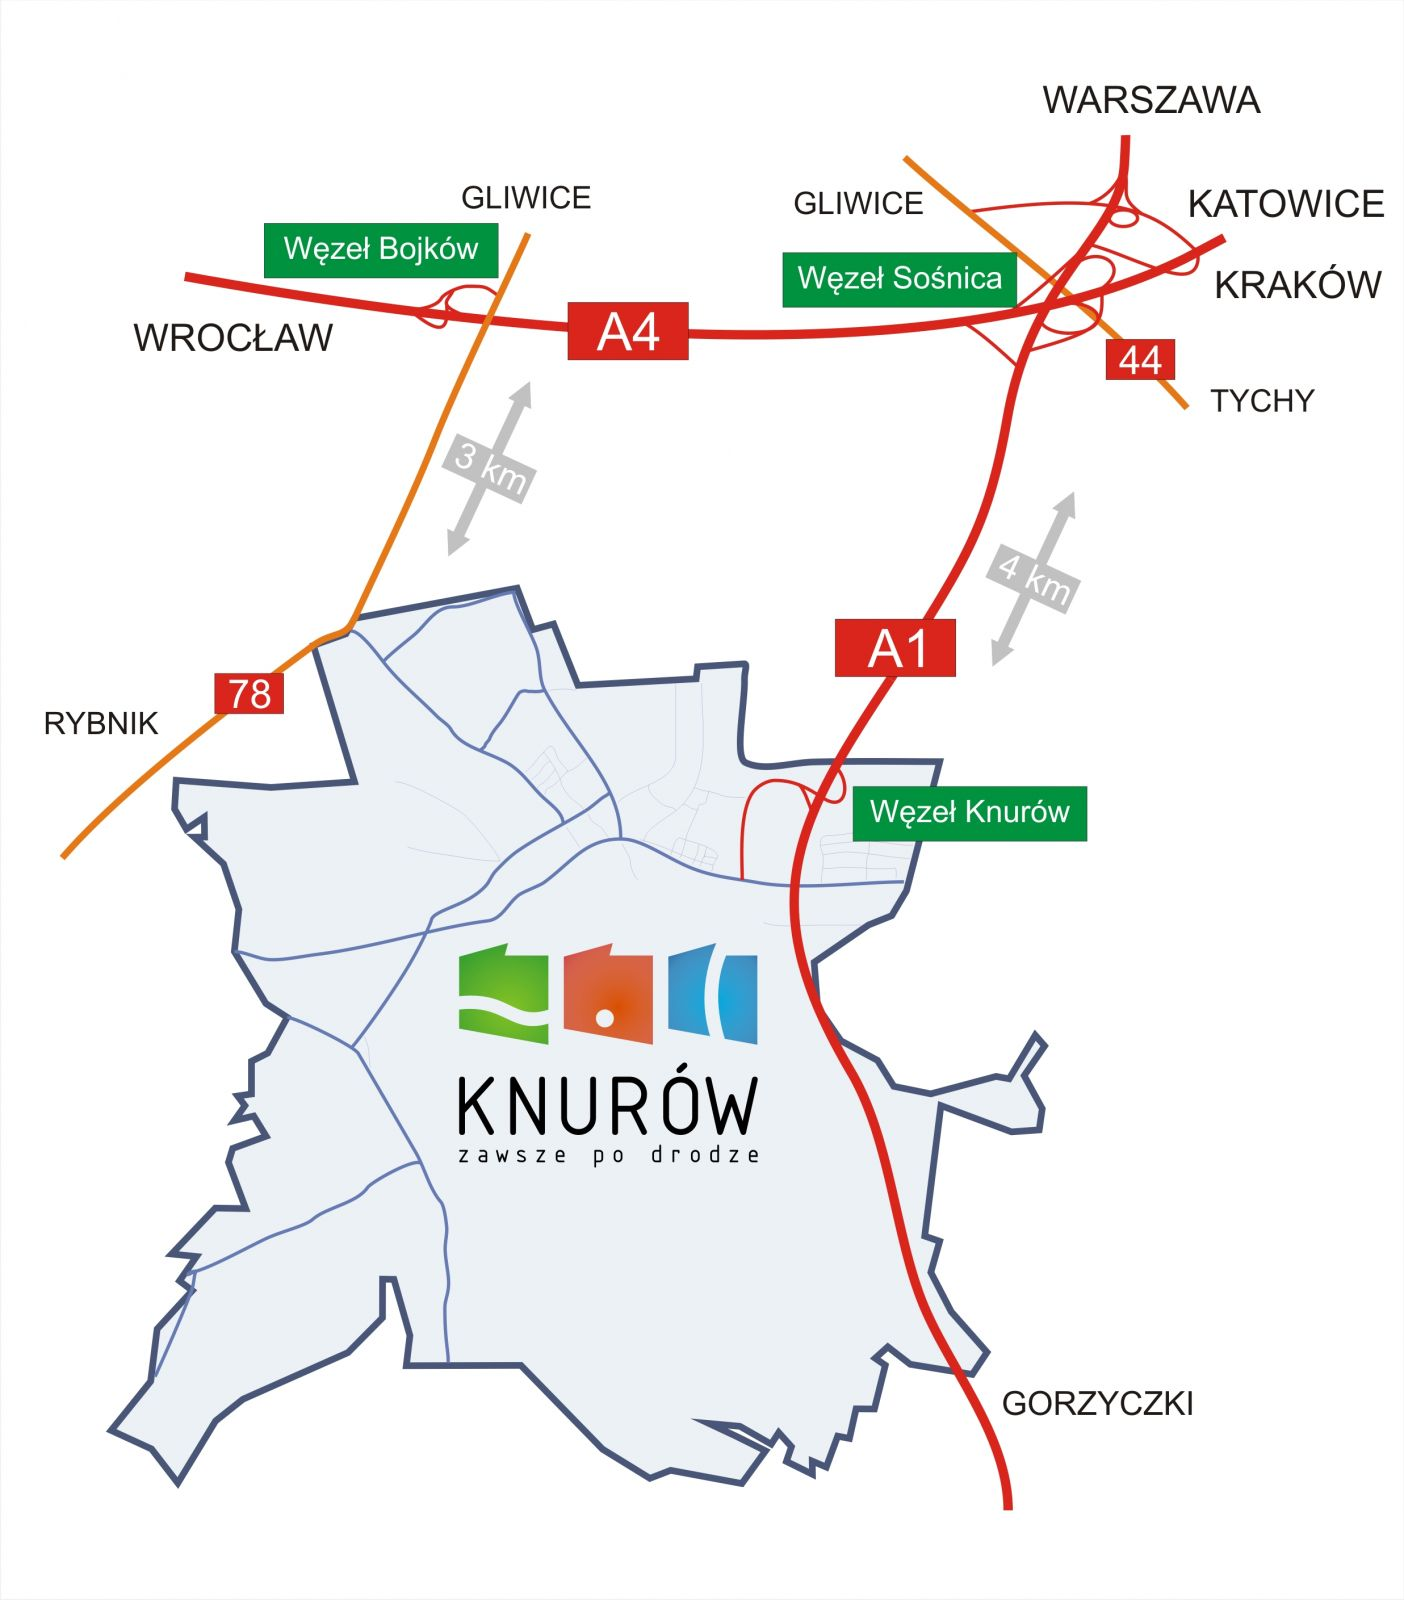 Granice Miasta Knurów z zaznaczeniem najważniejszych dróg